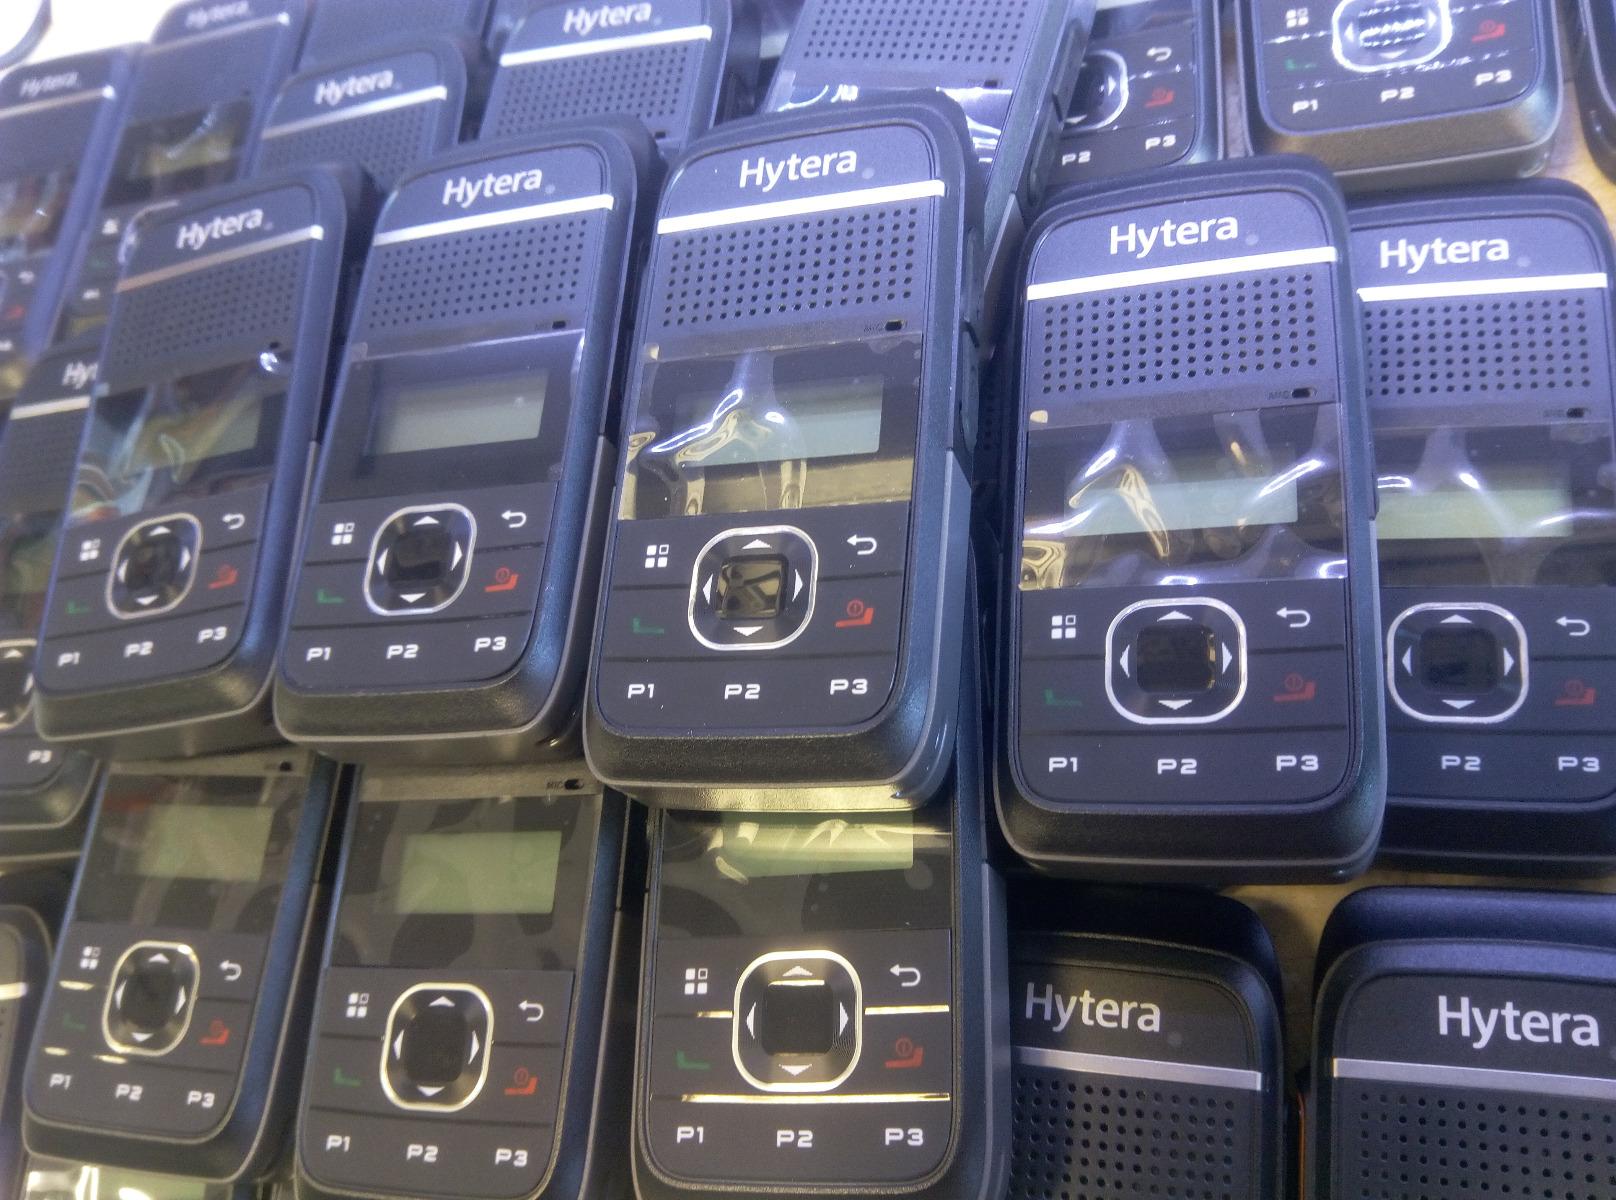 Hytera pd355 uhf compact